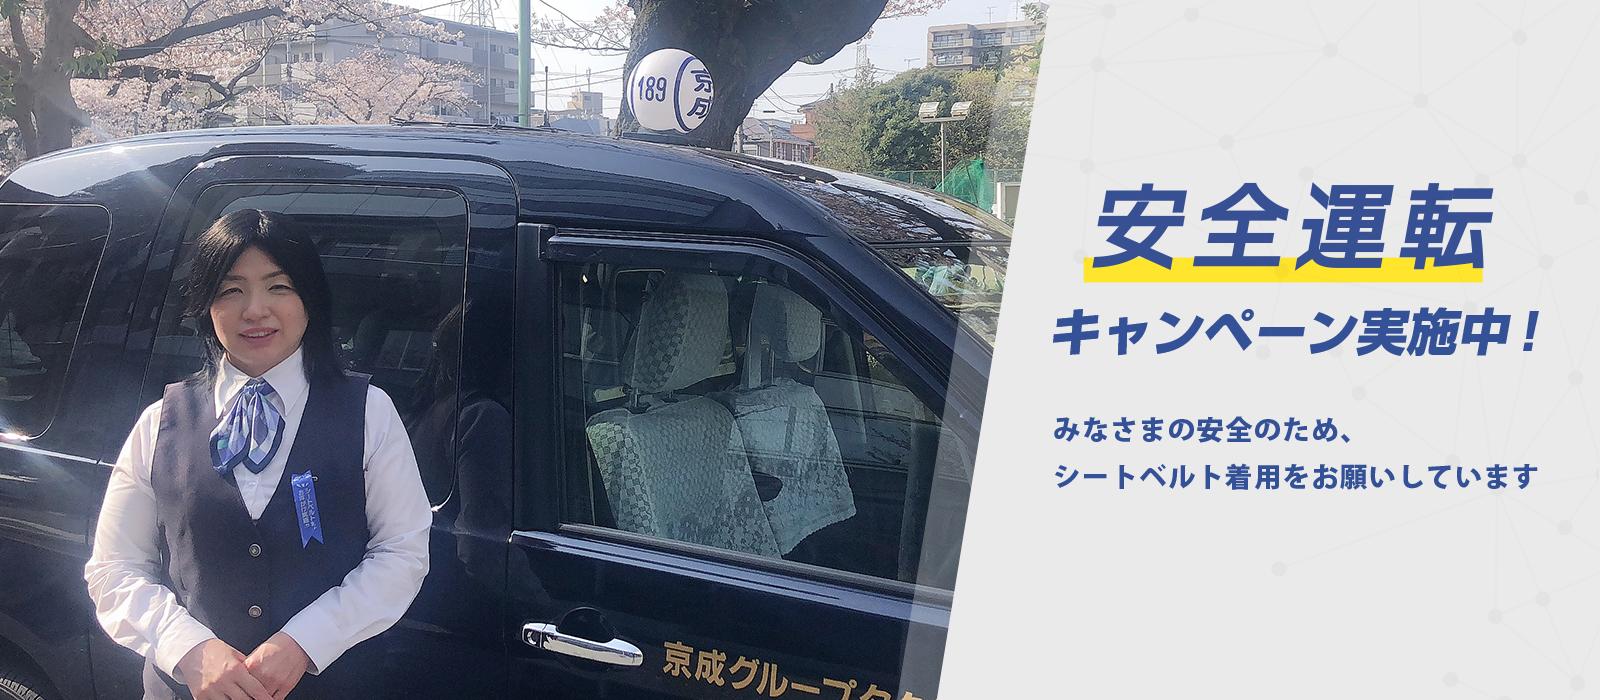 安全運転キャンペーン実施中!